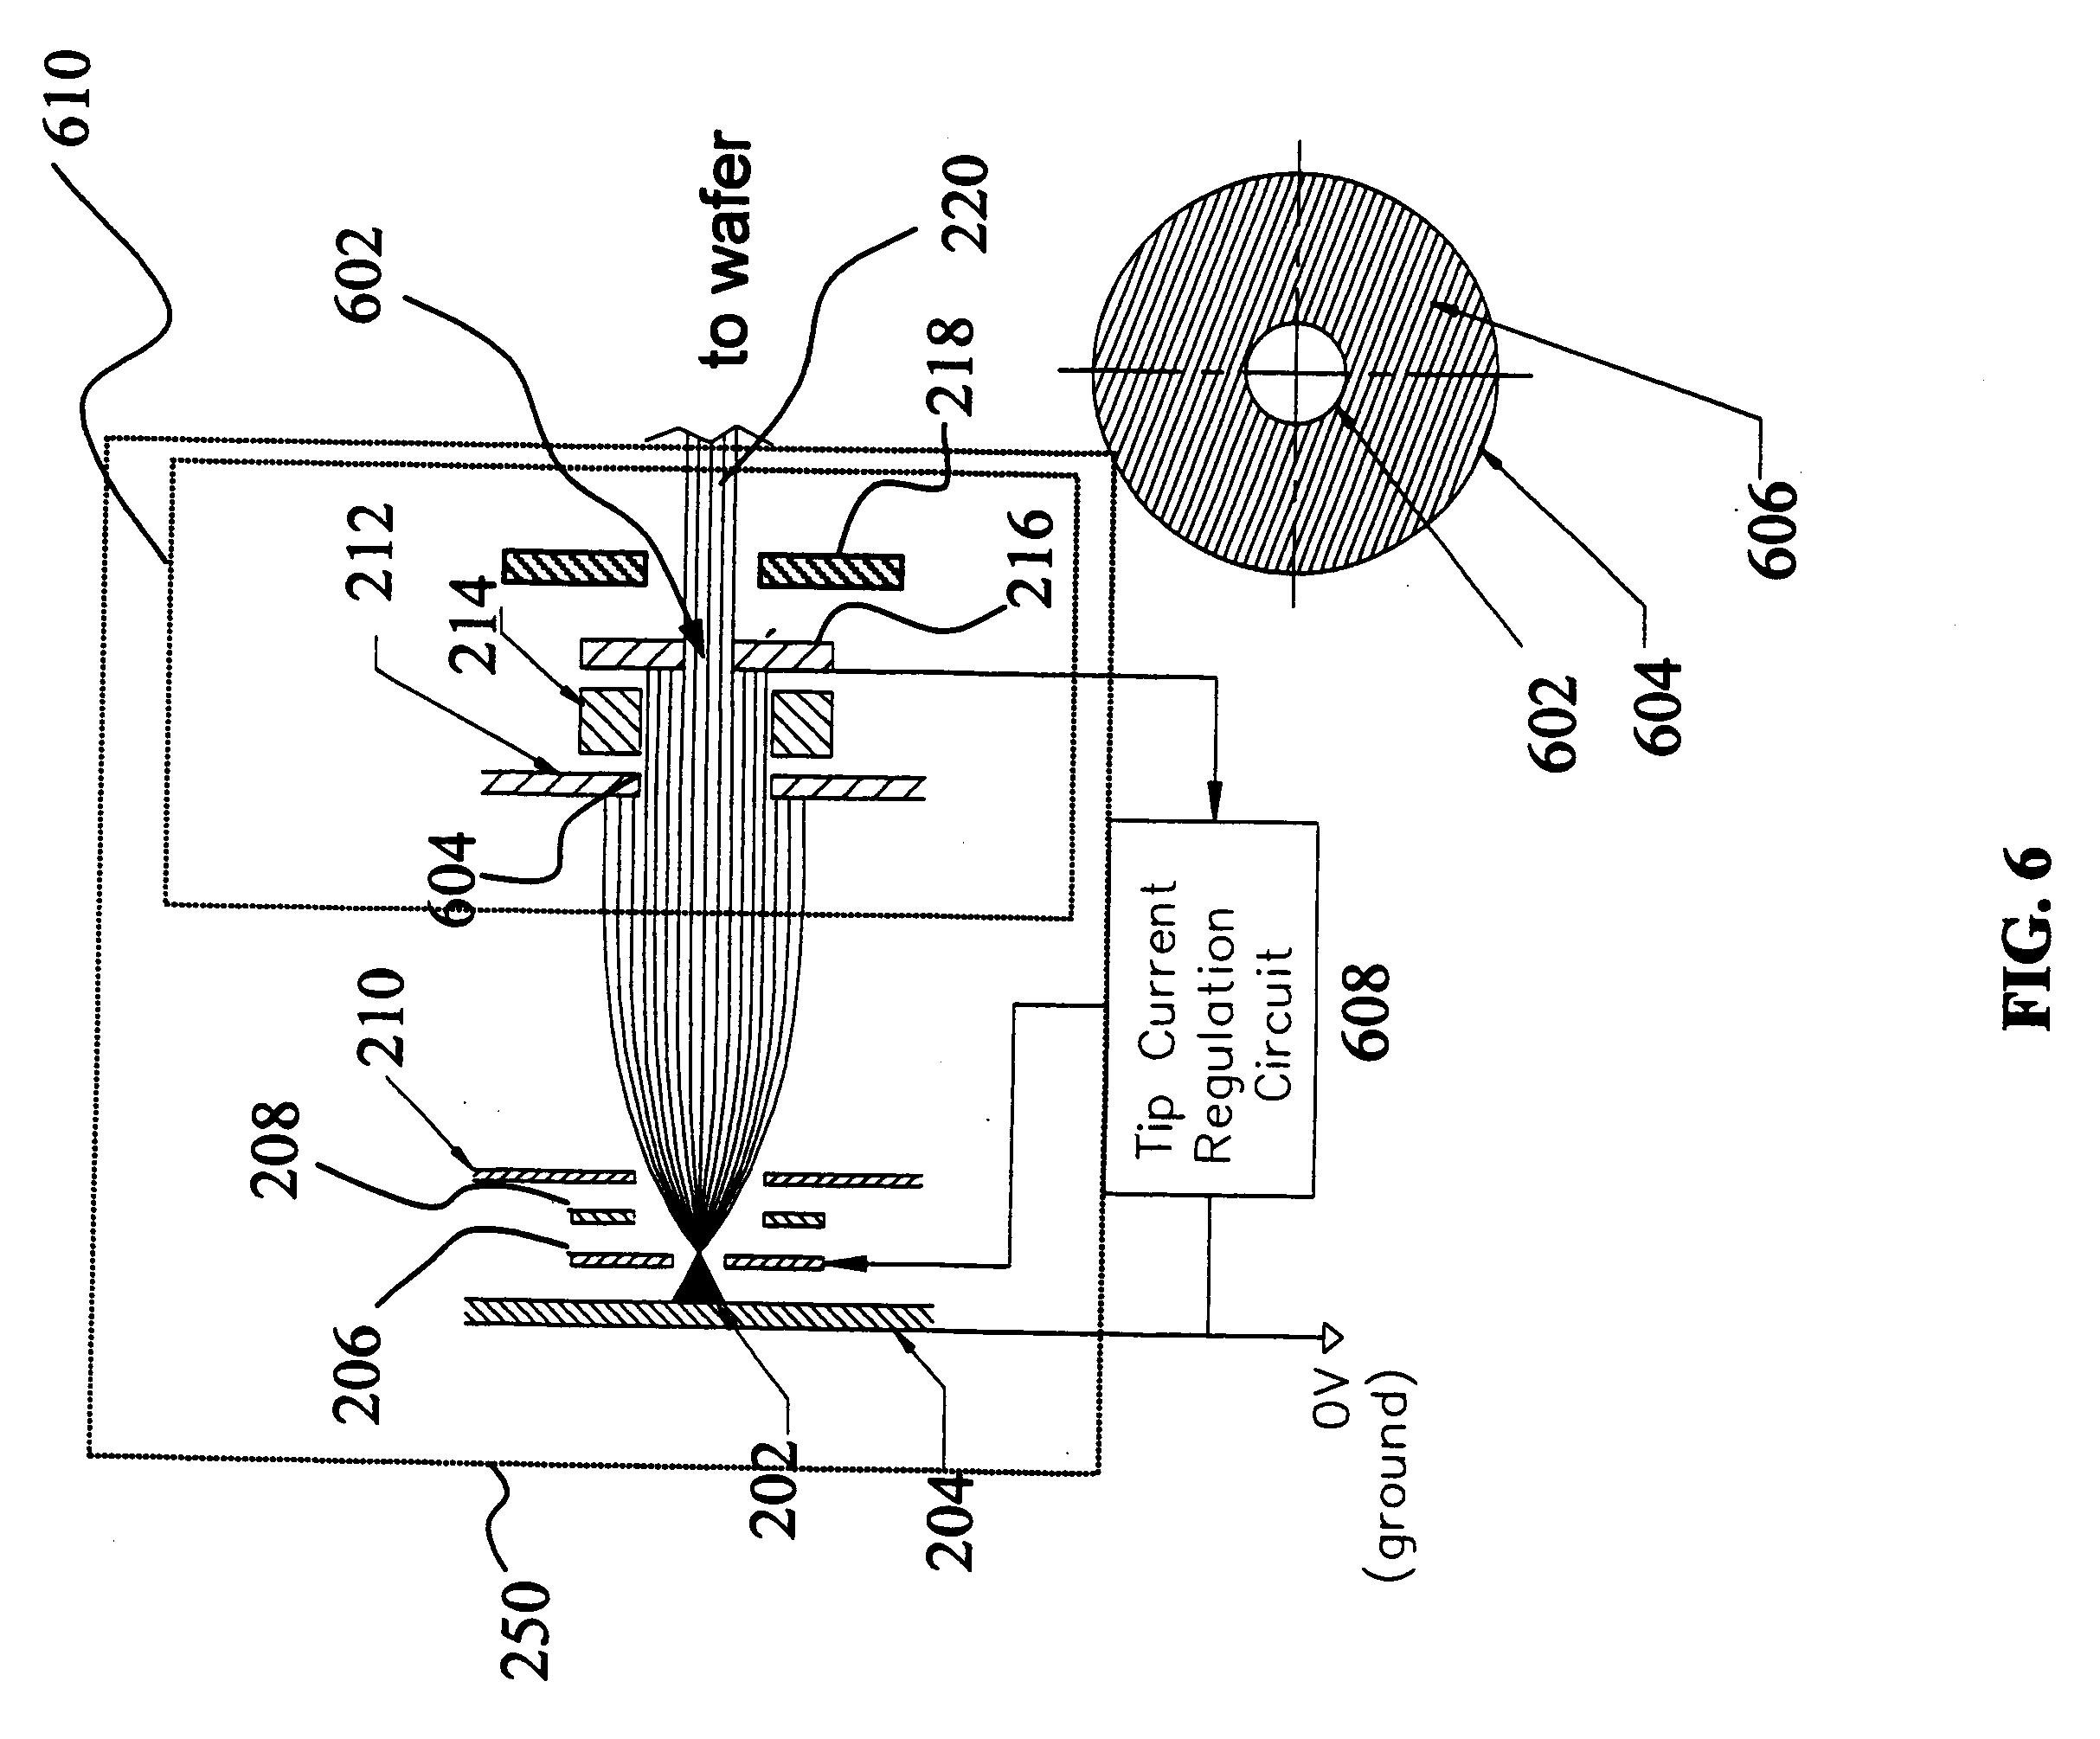 patent us6617587